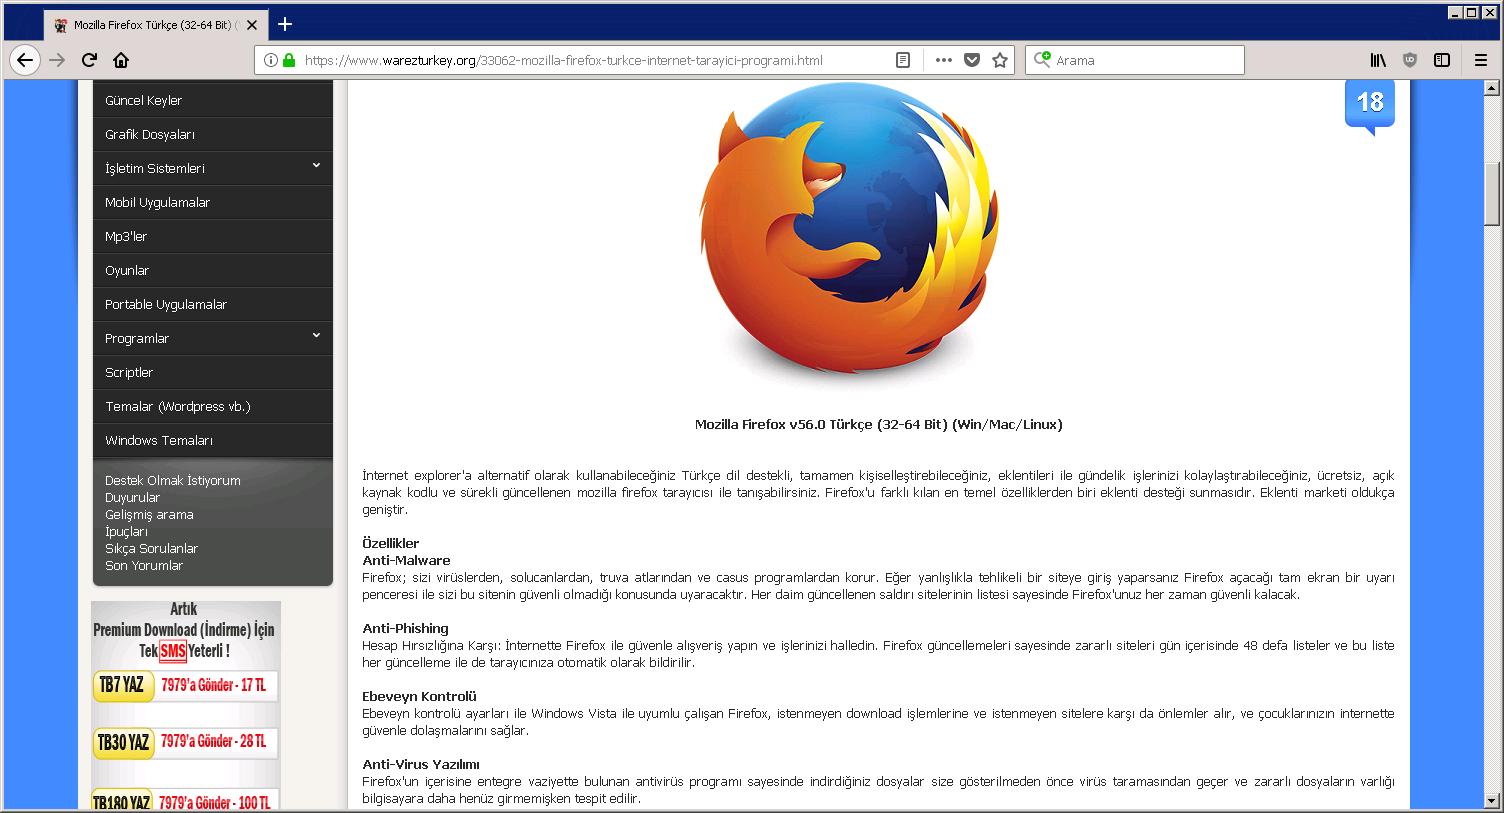 Mozilla Firefox Quantum v62.0.2 Türkçe (32-64 Bit) (Win/Mac/Linux)